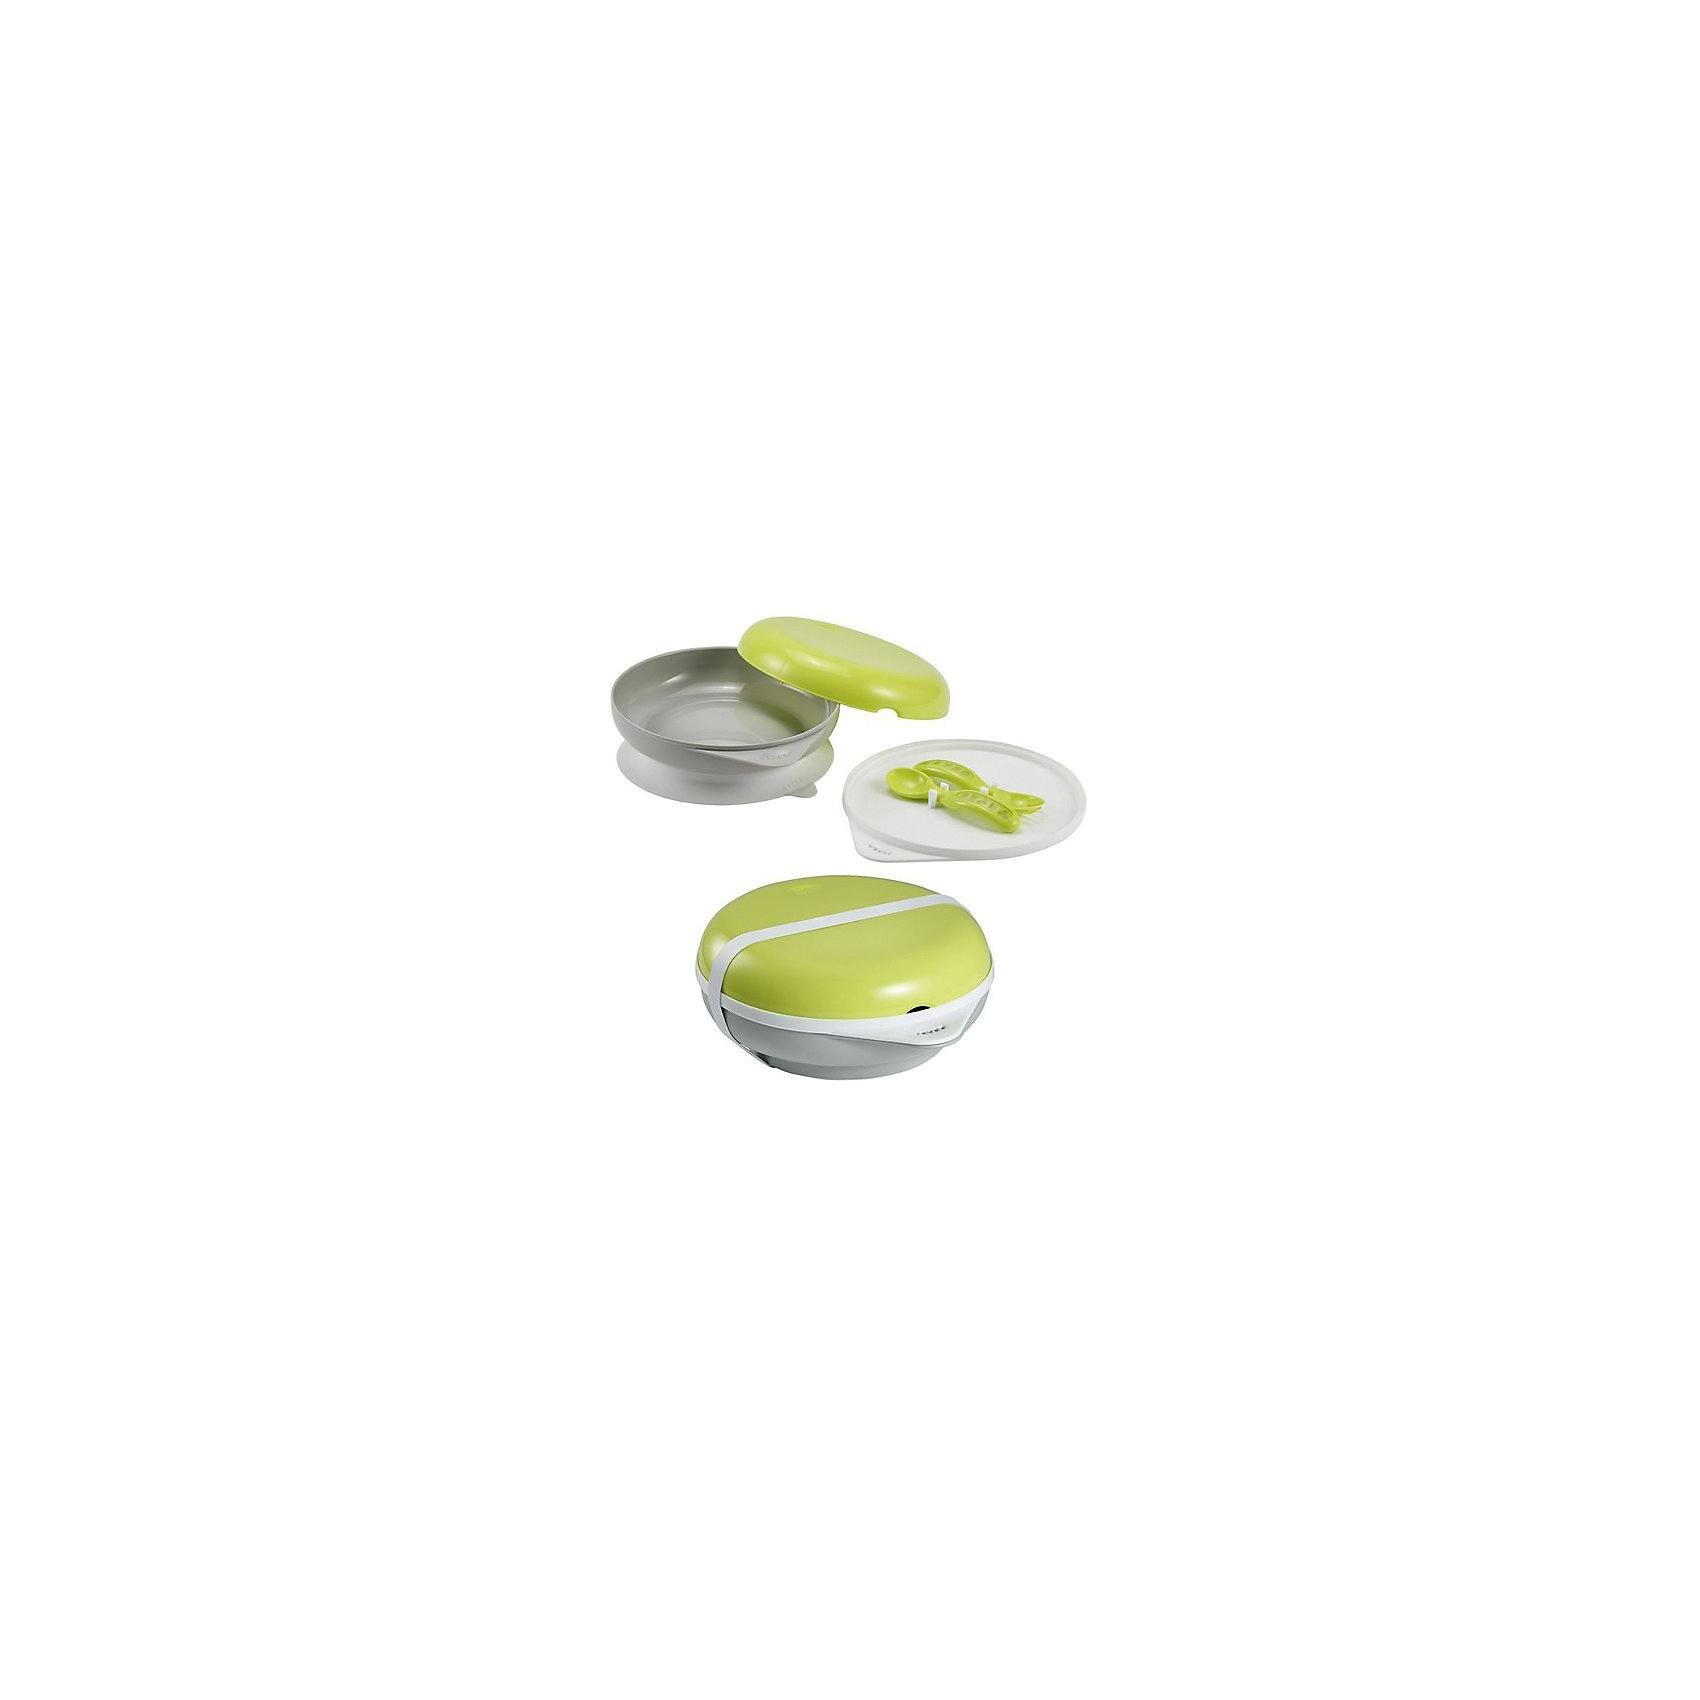 Набор посуды: тарелка+крышка, вилка+ложка, Beaba, салатовыйПосуда для малышей<br>Набор посуды: тарелка+крышка, вилка+ложка, салатовый от знаменитого французского бренда товаров для детей Beaba (Беаба). Этот симпатичный и эргономичный набор придет по вкусу вашему непоседе и будет очень полезен в поездках. Глубокая тарелочка имеет удобную резинку у основания, не давая скользить по поверхности. В крышке для тарелки имеются специальные крепления для ложечки и вилочки. Ложка и вилка закрываются салатовой крышкой. Ложка и вилка представлены в удобном и безопасном дизайне, не давая им выскальзывать из ручек и благодаря закругленным частям, оберегая от повреждения маленький ротик. В основании набора специальны вкладыш, позволяющий уберечь тепло еды, этот вкладыш необходимо разогреть в микроволновой печи в течение 30 секунд или 2х минут в паровой бане, затем необходимо прикрутить его к основанию набора. Прекрасный выбор для малышей, ведь они достойны самого лучшего!<br>Дополнительная информация:<br><br>- В набор входит: глубокая тарелка с подставкой, крышка с креплениями, закрывающая крышка, вилка, ложка, резиночка для плотного закрытия.<br>- Состав: пластик<br>- Размер: 120, 240, 420 мл.<br>- Можно мыть в посудомоечной машине или стерилизовать <br><br><br>Набор посуды: тарелка+крышка, вилка+ложка, салатовый, Beaba (Беаба) можно купить в нашем интернет-магазине.<br>Подробнее:<br>• Для детей в возрасте: от 7 месяцев<br>• Номер товара: 5010896<br>Страна производитель: Китай<br><br>Ширина мм: 190<br>Глубина мм: 80<br>Высота мм: 220<br>Вес г: 600<br>Возраст от месяцев: 6<br>Возраст до месяцев: 24<br>Пол: Унисекс<br>Возраст: Детский<br>SKU: 5010896